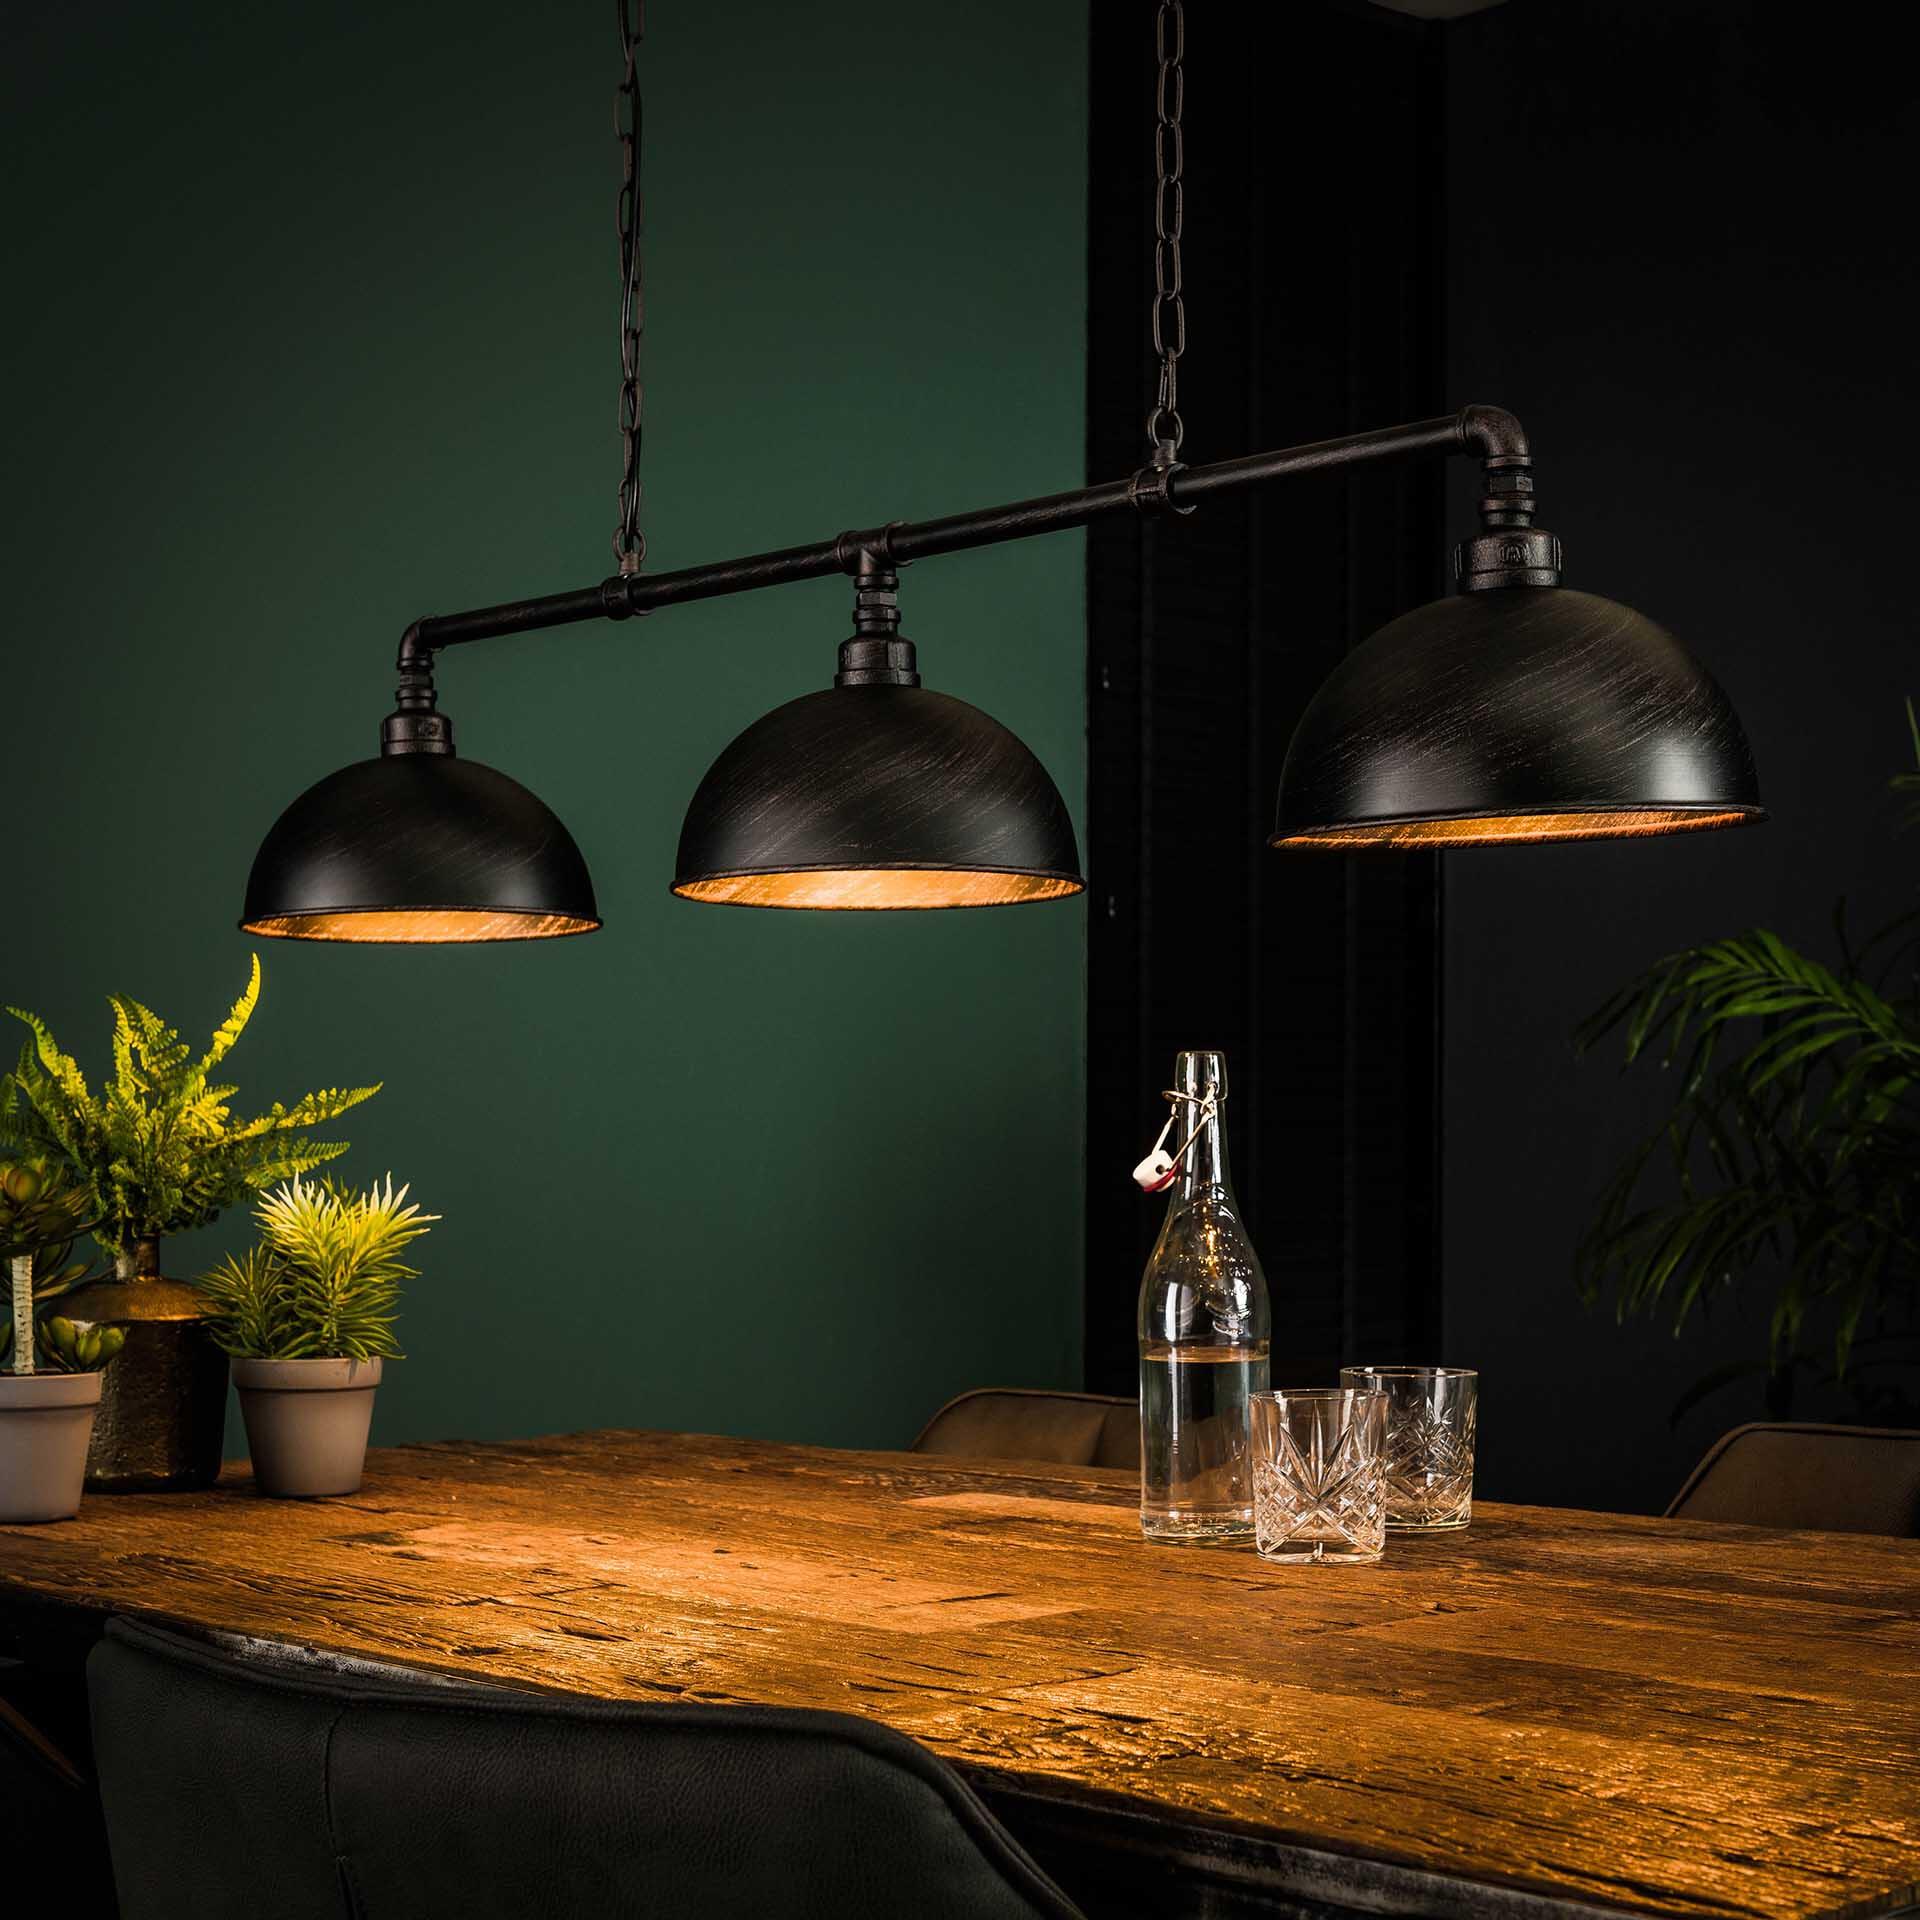 Op Trapstoel: Alles voor de inrichtng van uw woning is alles over meubelen te vinden: waaronder meubelpartner en specifiek Industriële Hanglamp Barrett 3-lamps (Industrile-Hanglamp-Barrett-3-lamps13130)